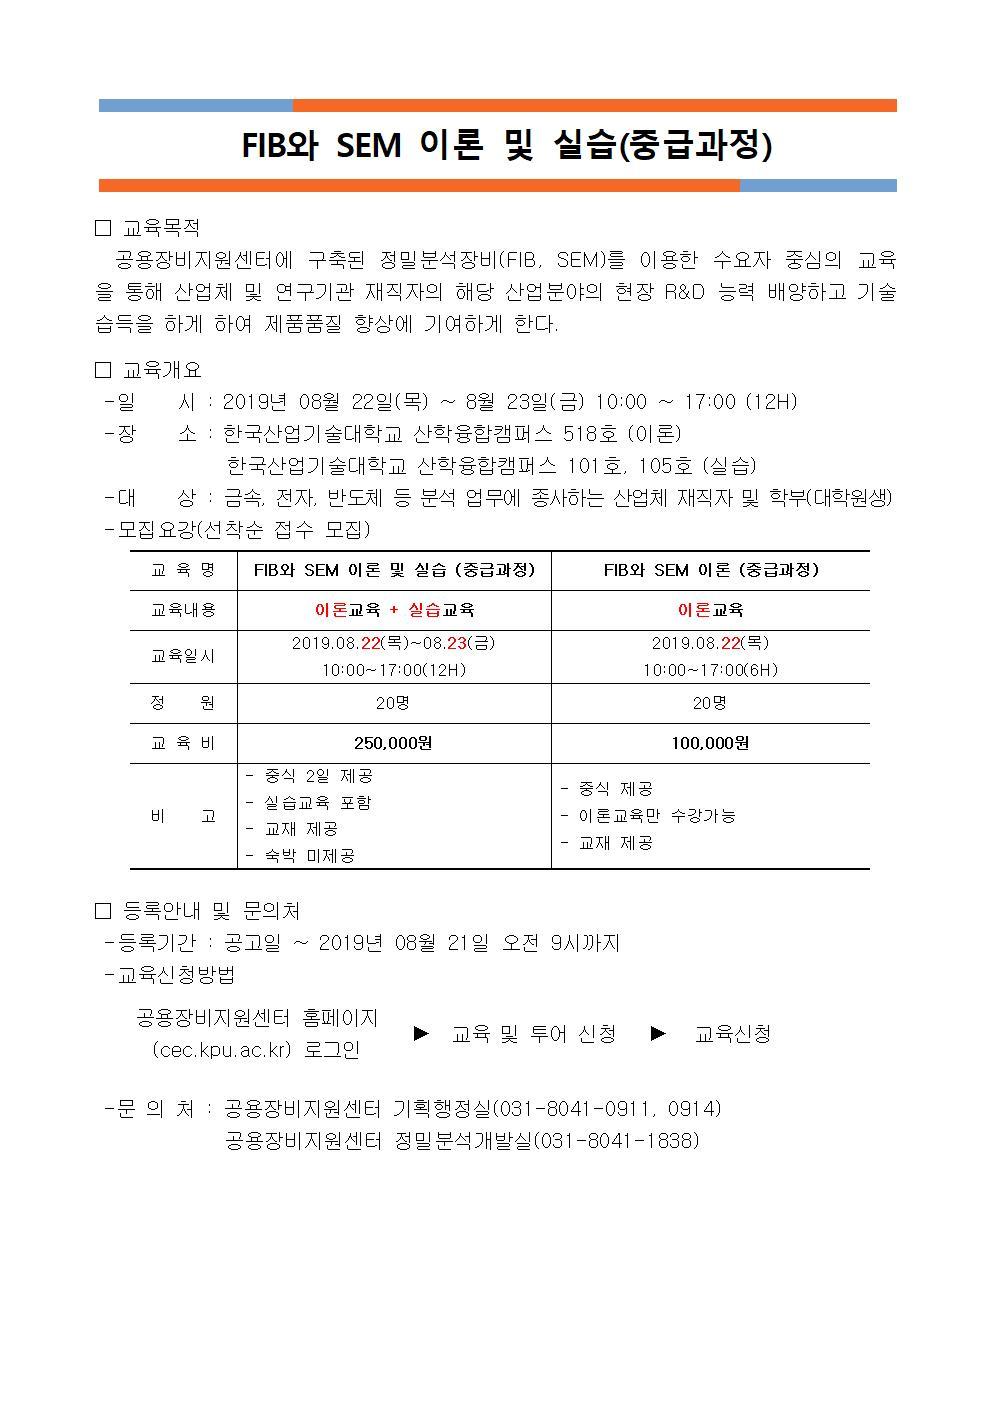 한국산업기술대학교 FIB와  SEM 교육 (1).jpg